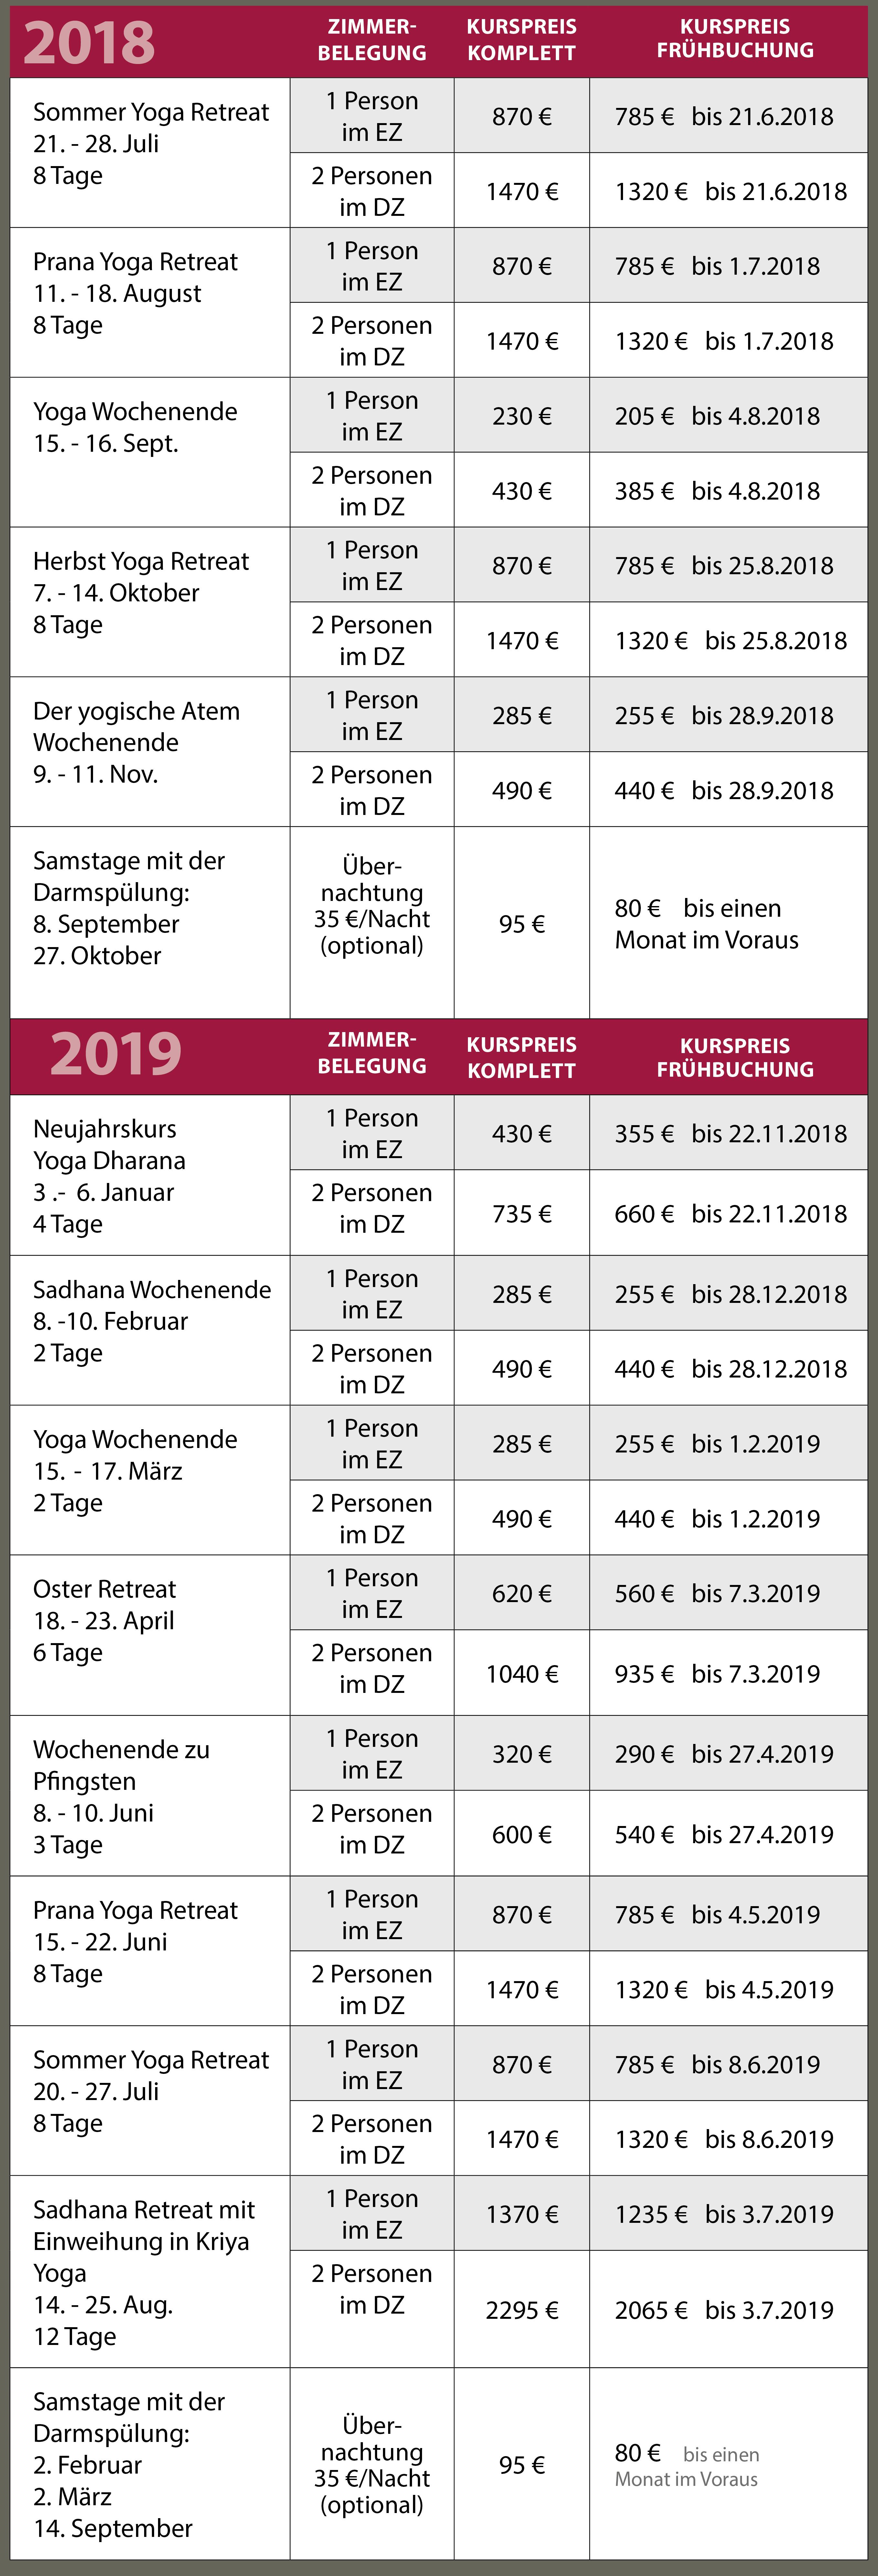 Kurs- und Preiseübersicht Harbergen Retreat 2018